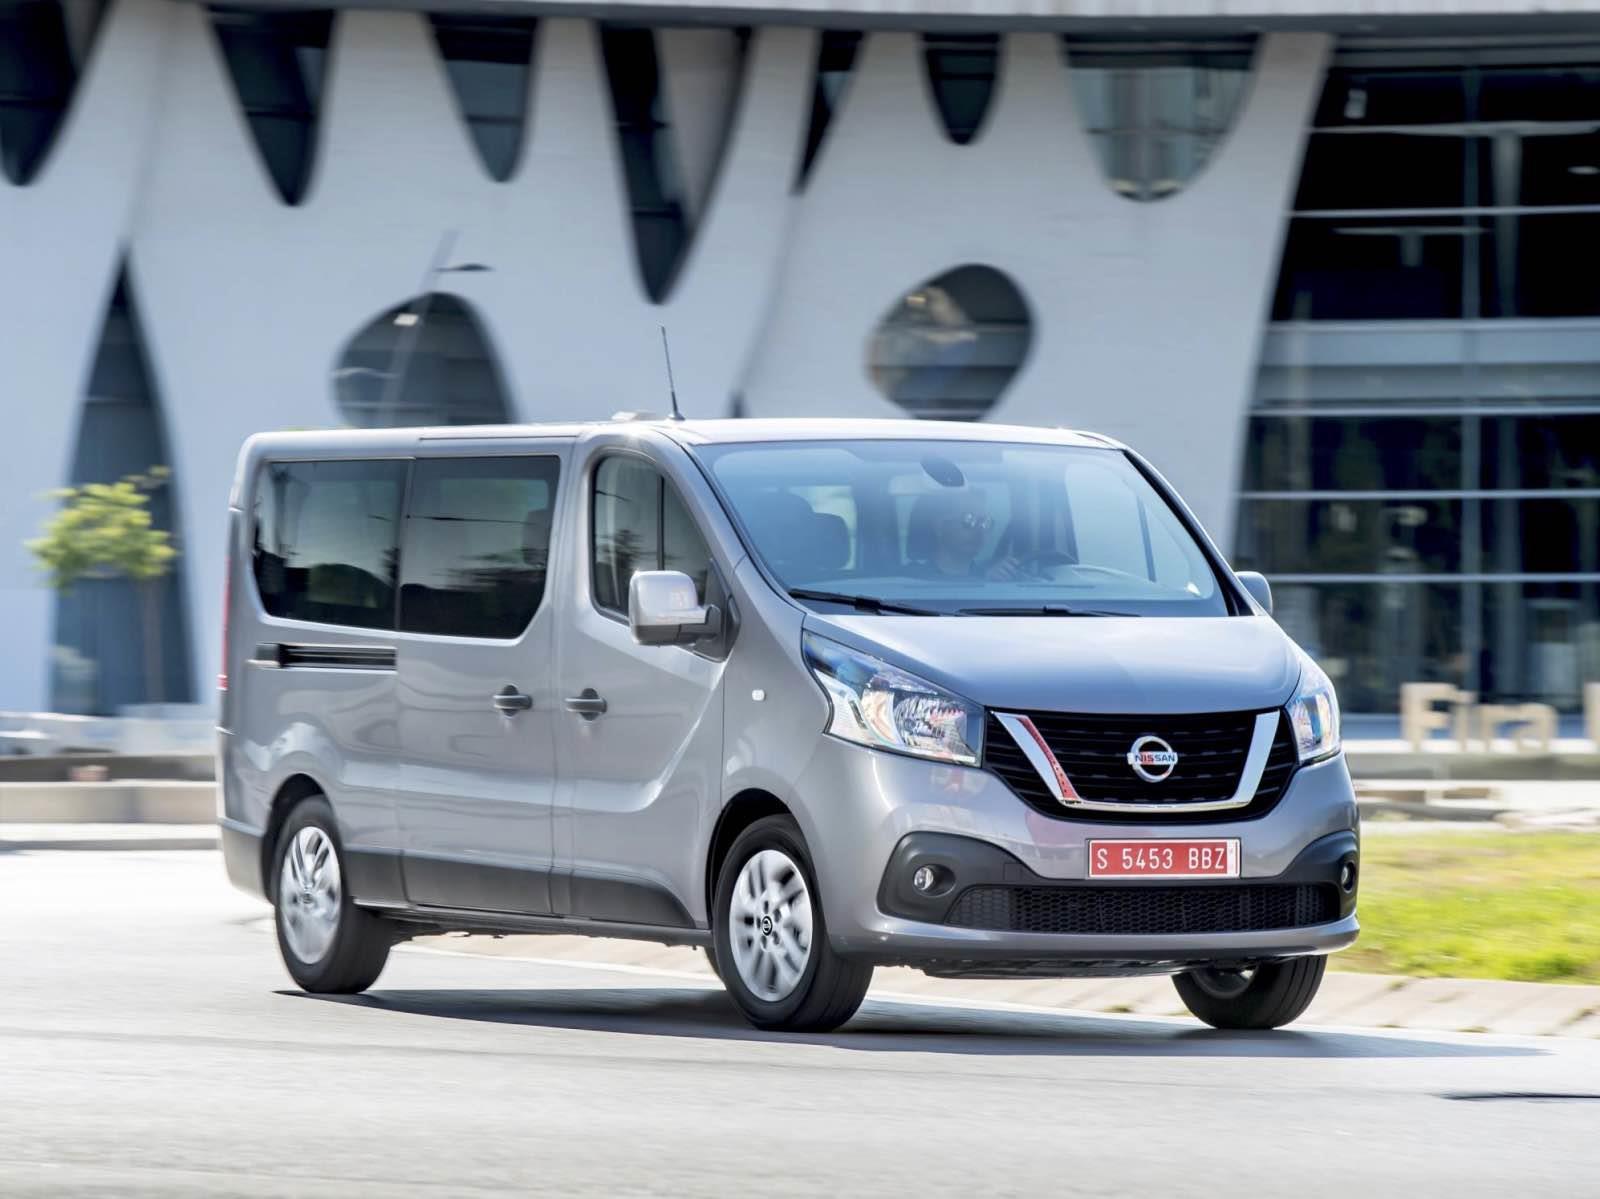 Nissan NV300 es renovada - Autocosmos.com